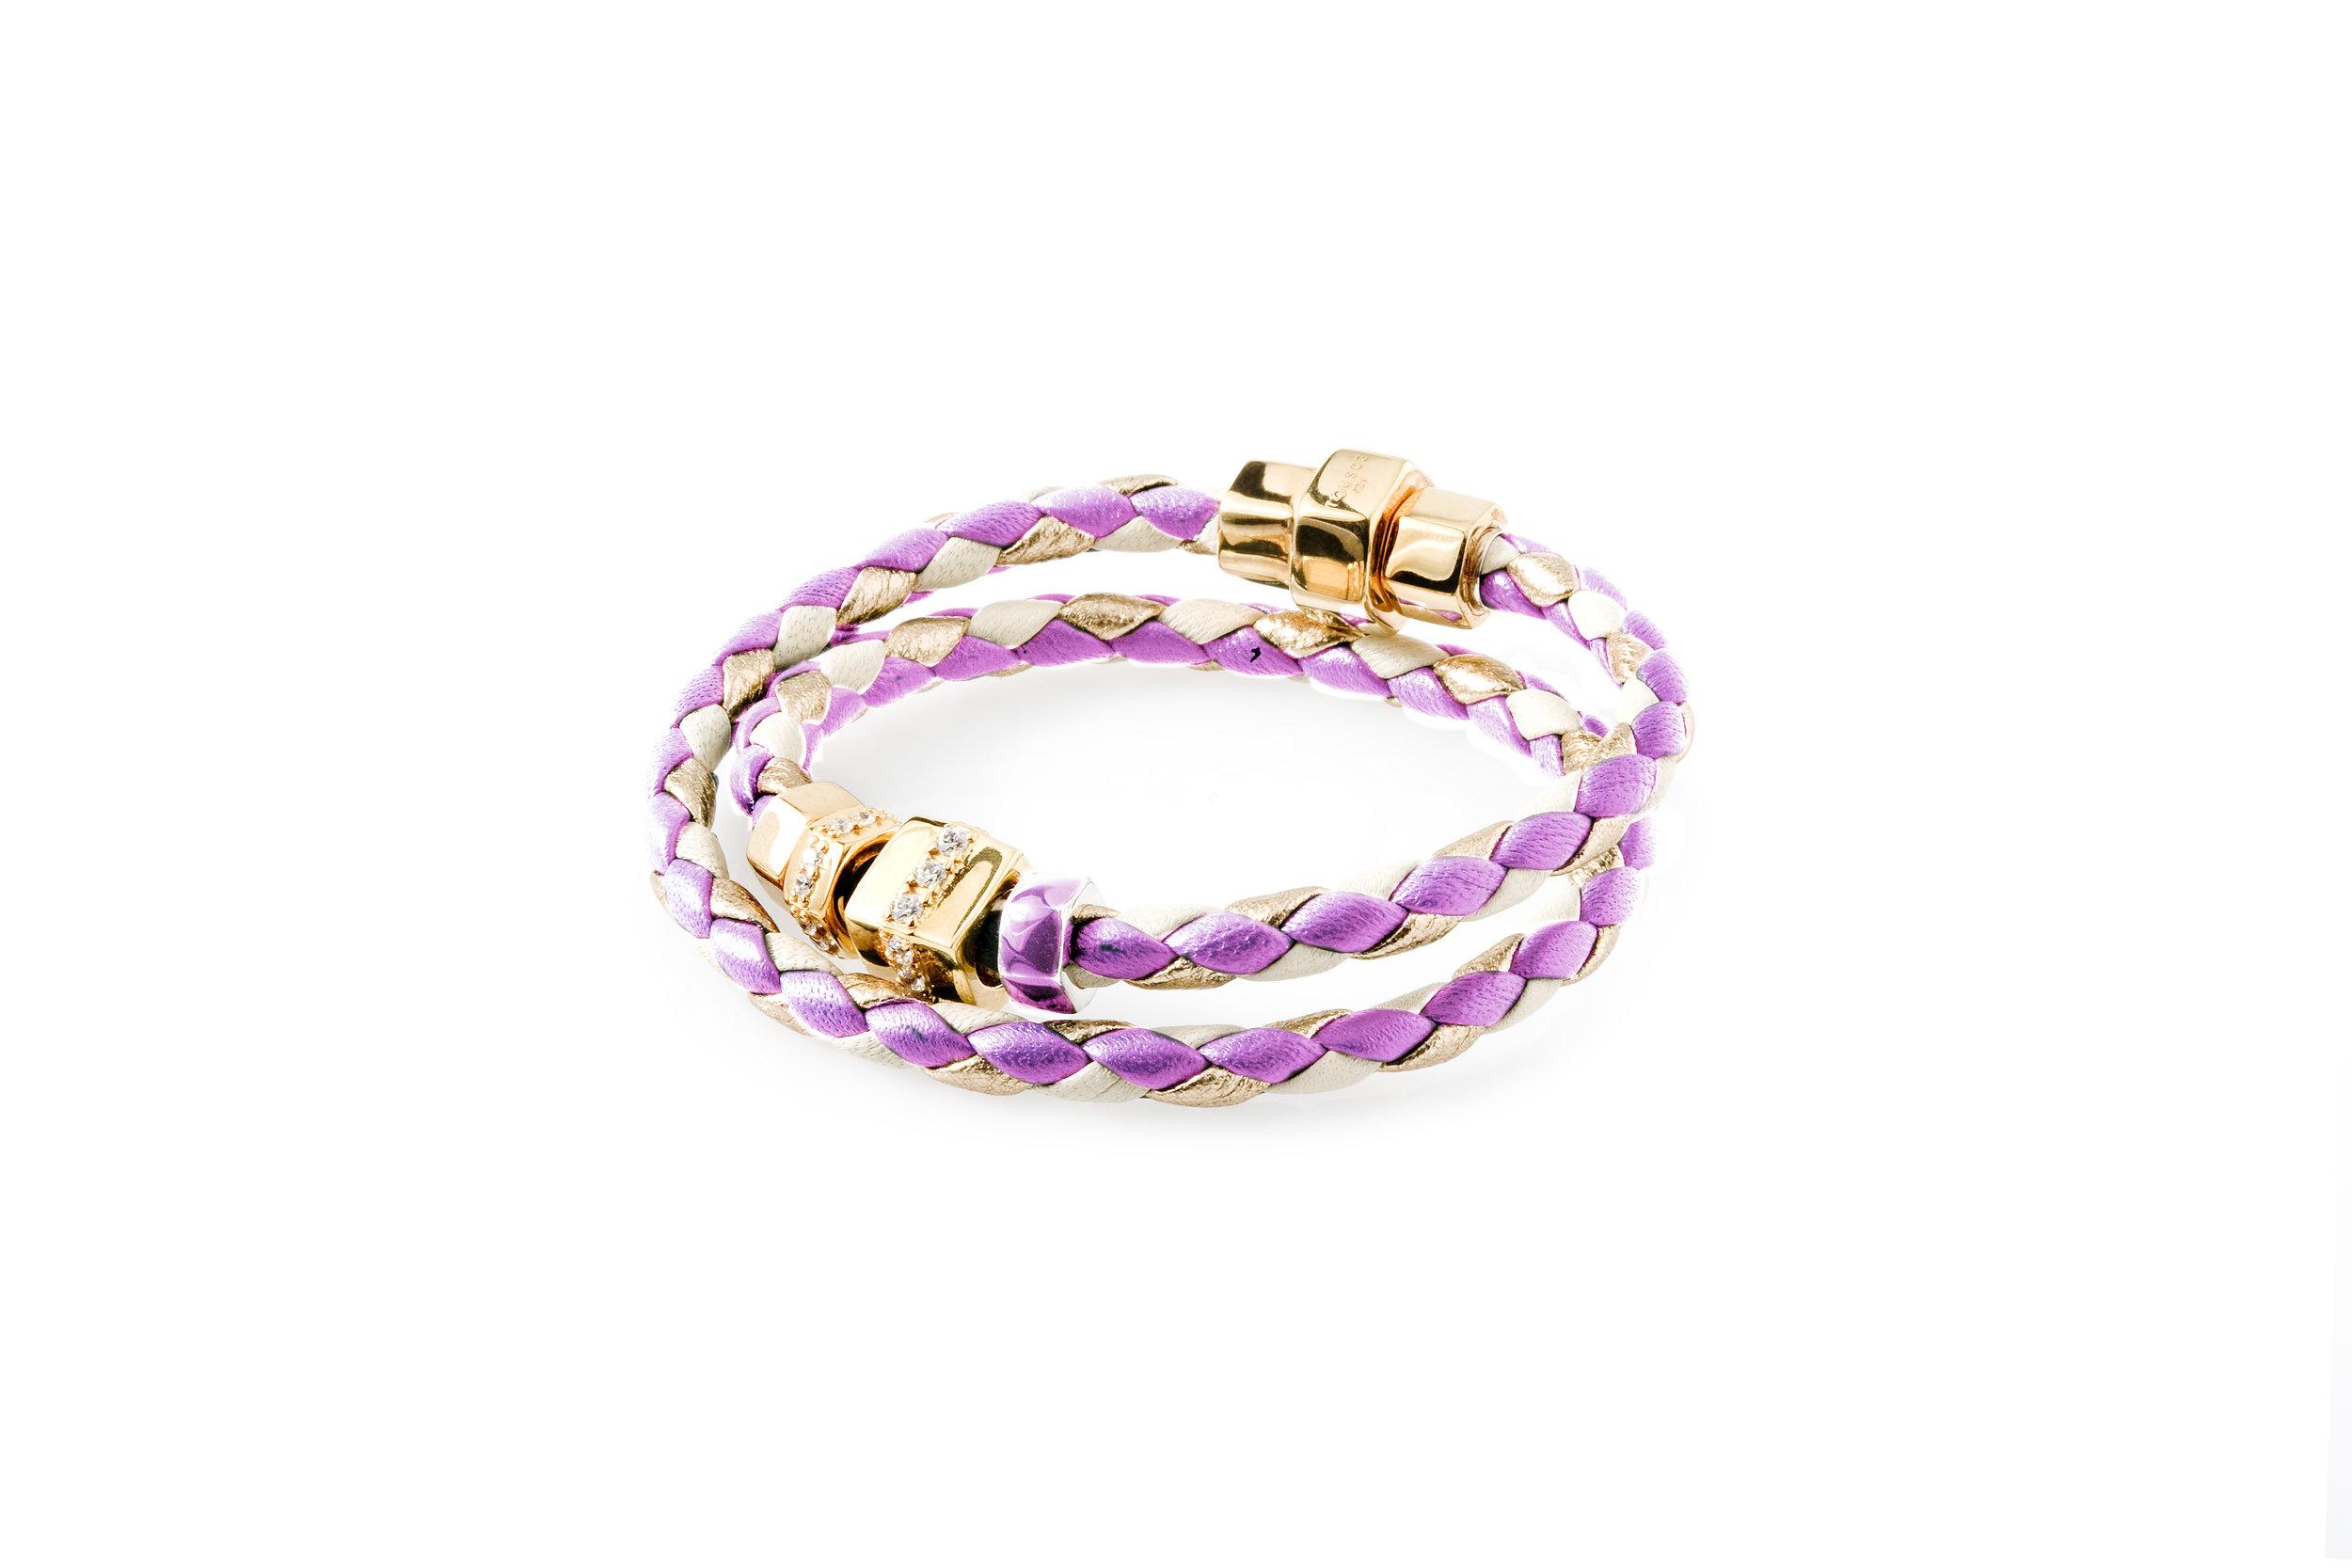 Foto di un braccialetto rosa